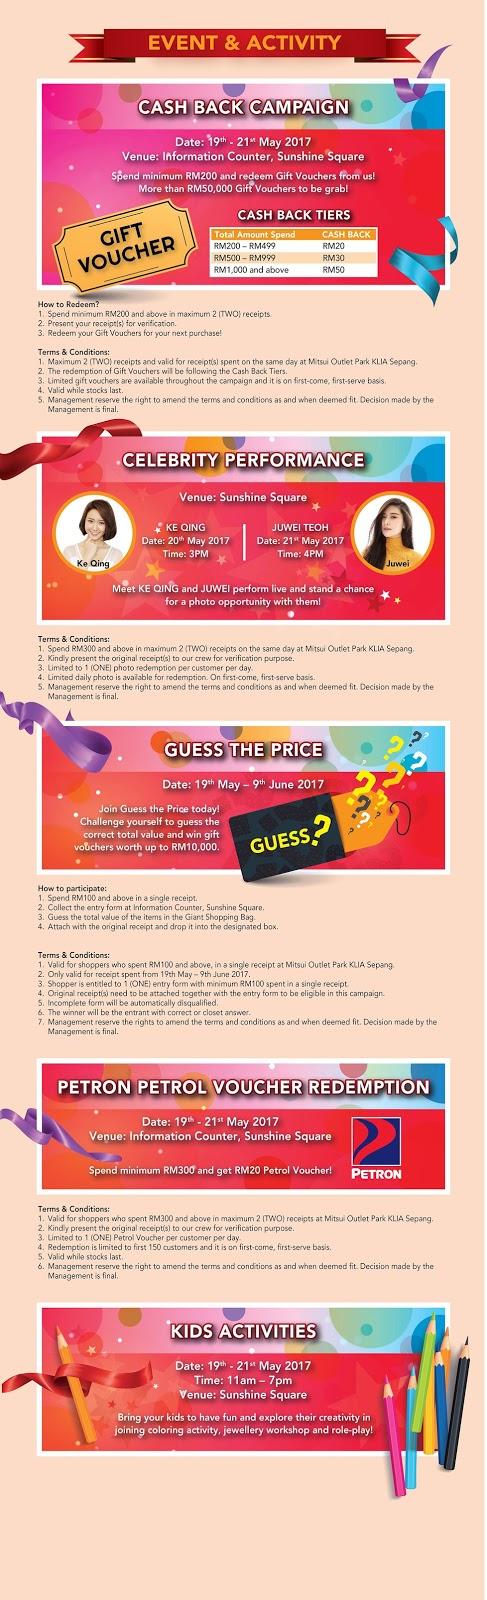 Mitsui Outlet Park Cash Back Campaign Gift Voucher Promo